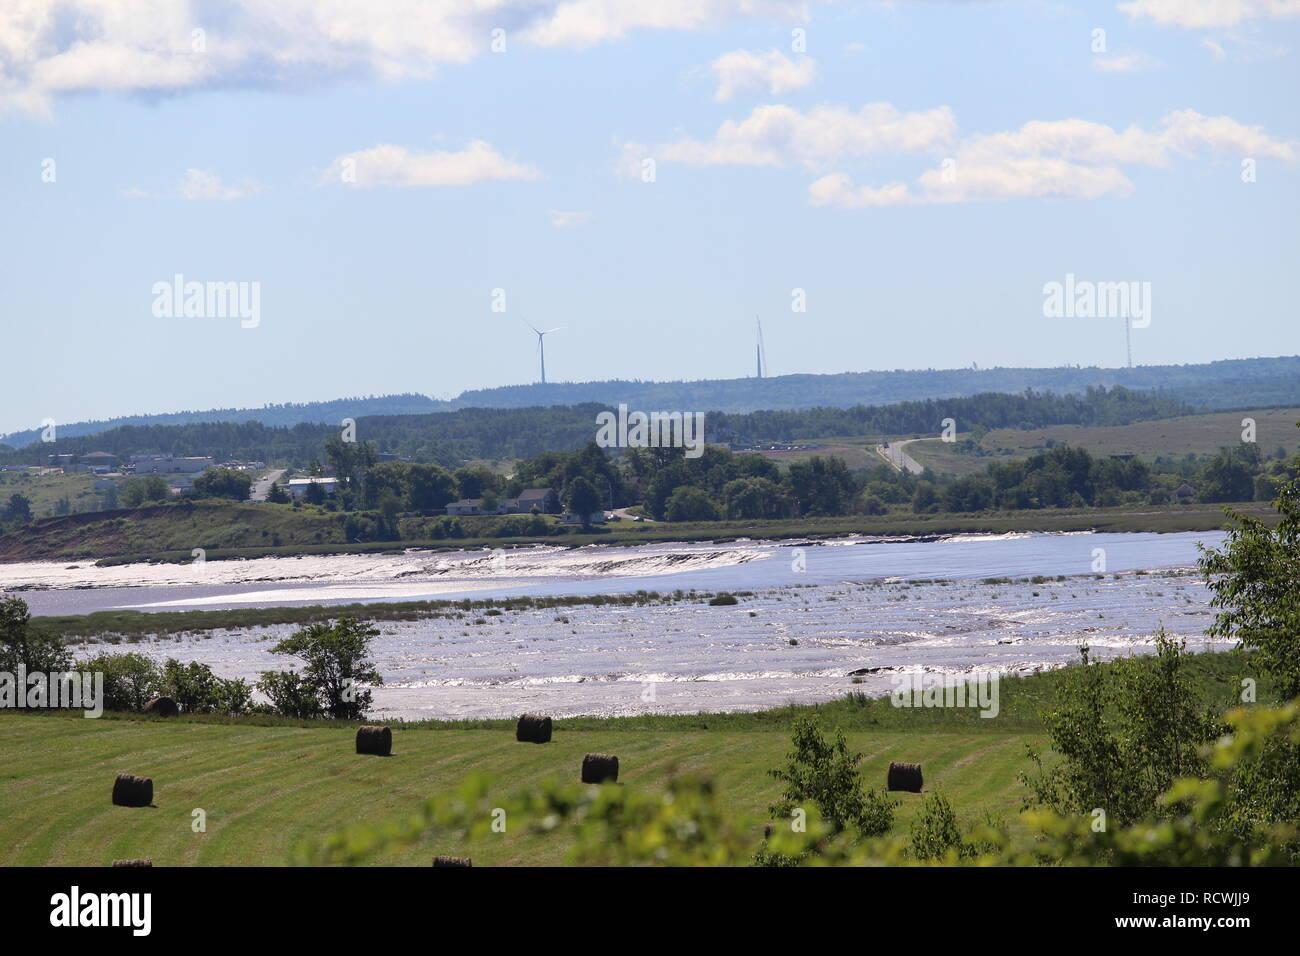 Paysage de la Nouvelle-Écosse / Landscape of Nova Scotia - Stock Image